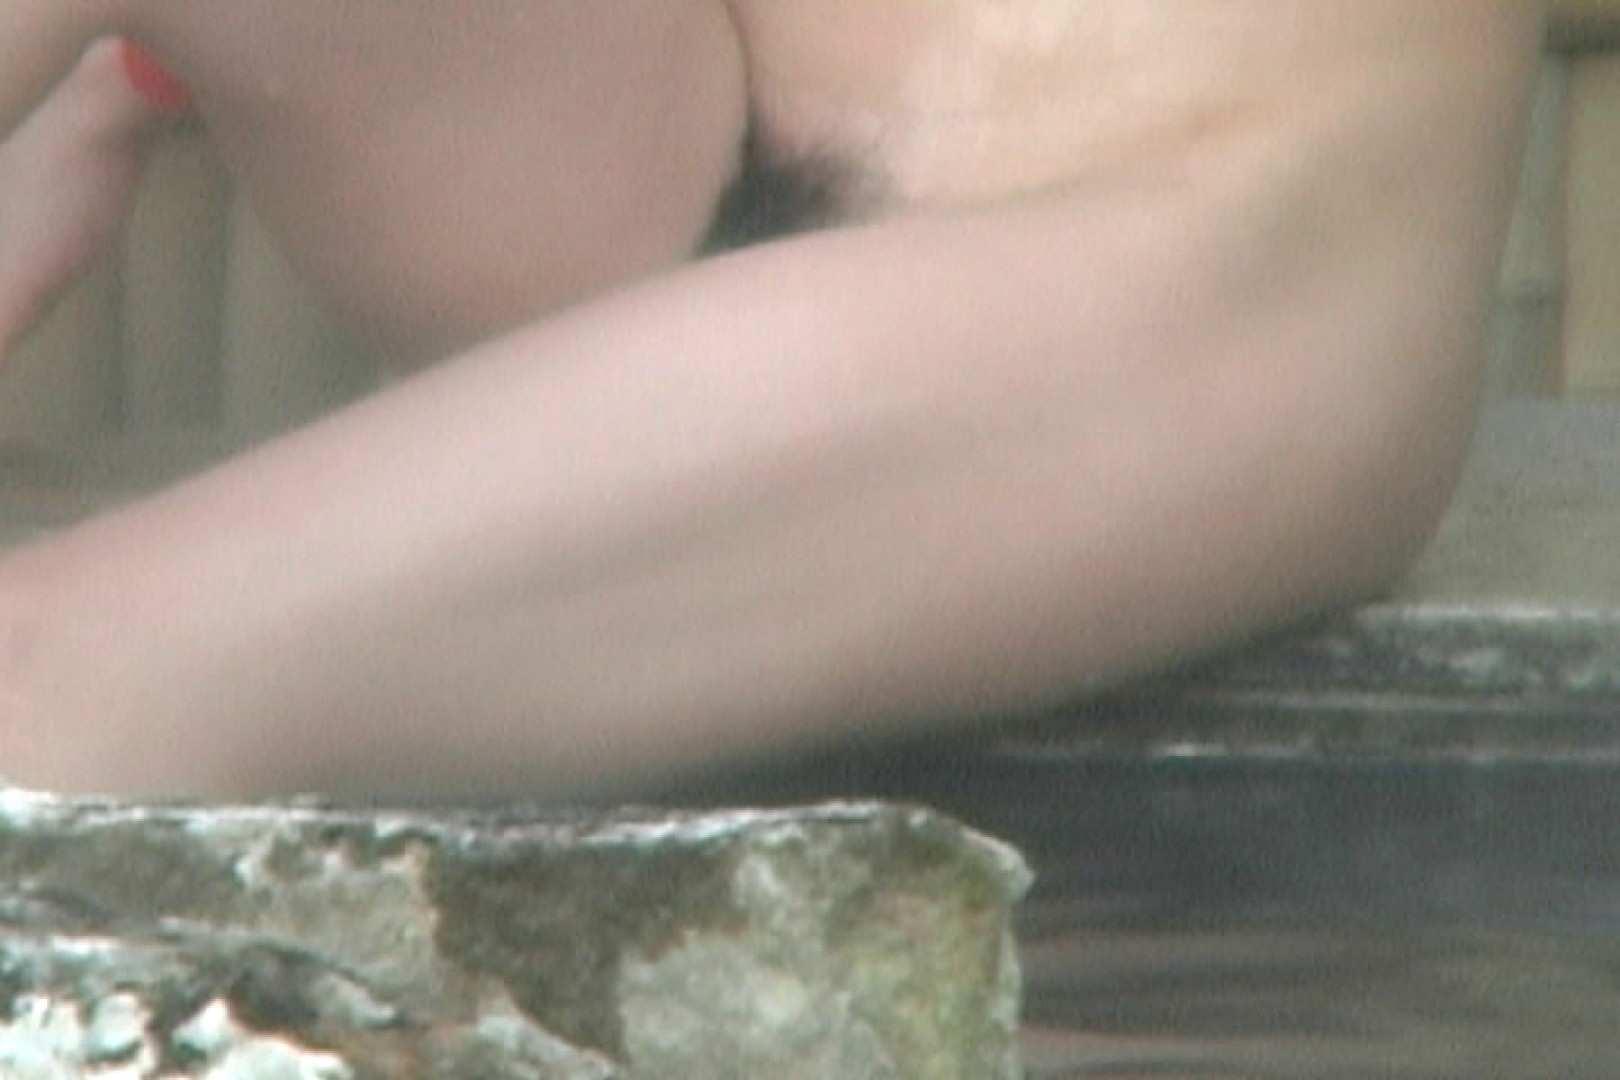 Aquaな露天風呂Vol.594 OLすけべ画像 SEX無修正画像 52連発 41